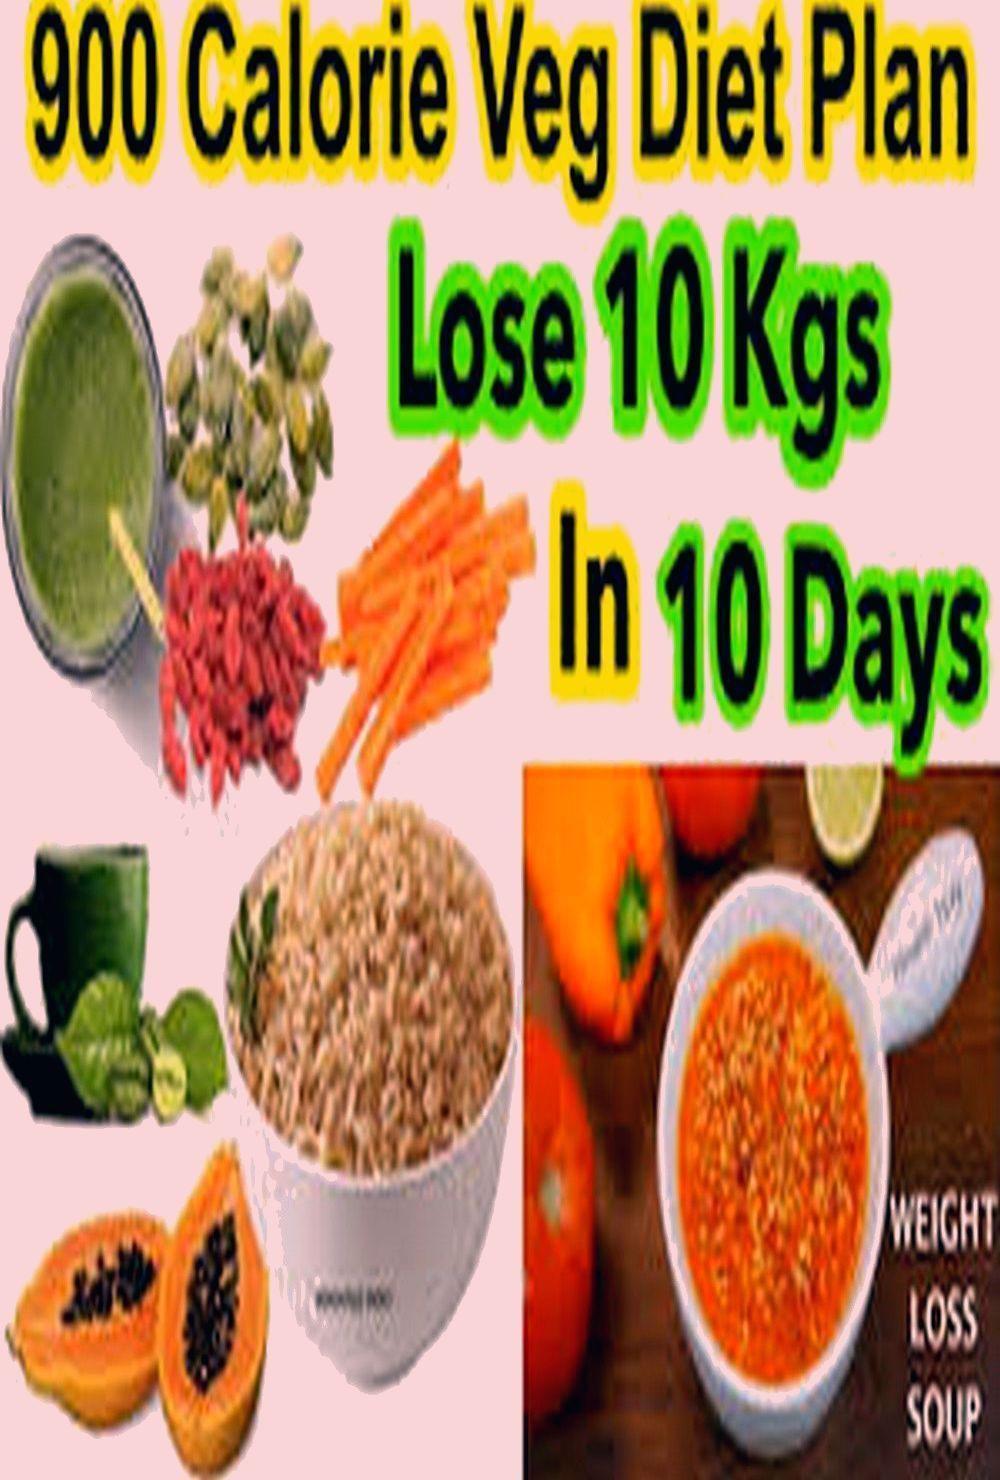 Pcos Diet Plan Meals Pcos Diet Pcos Diet Plan Pcos Diet Recipes 900 Calorie Diet